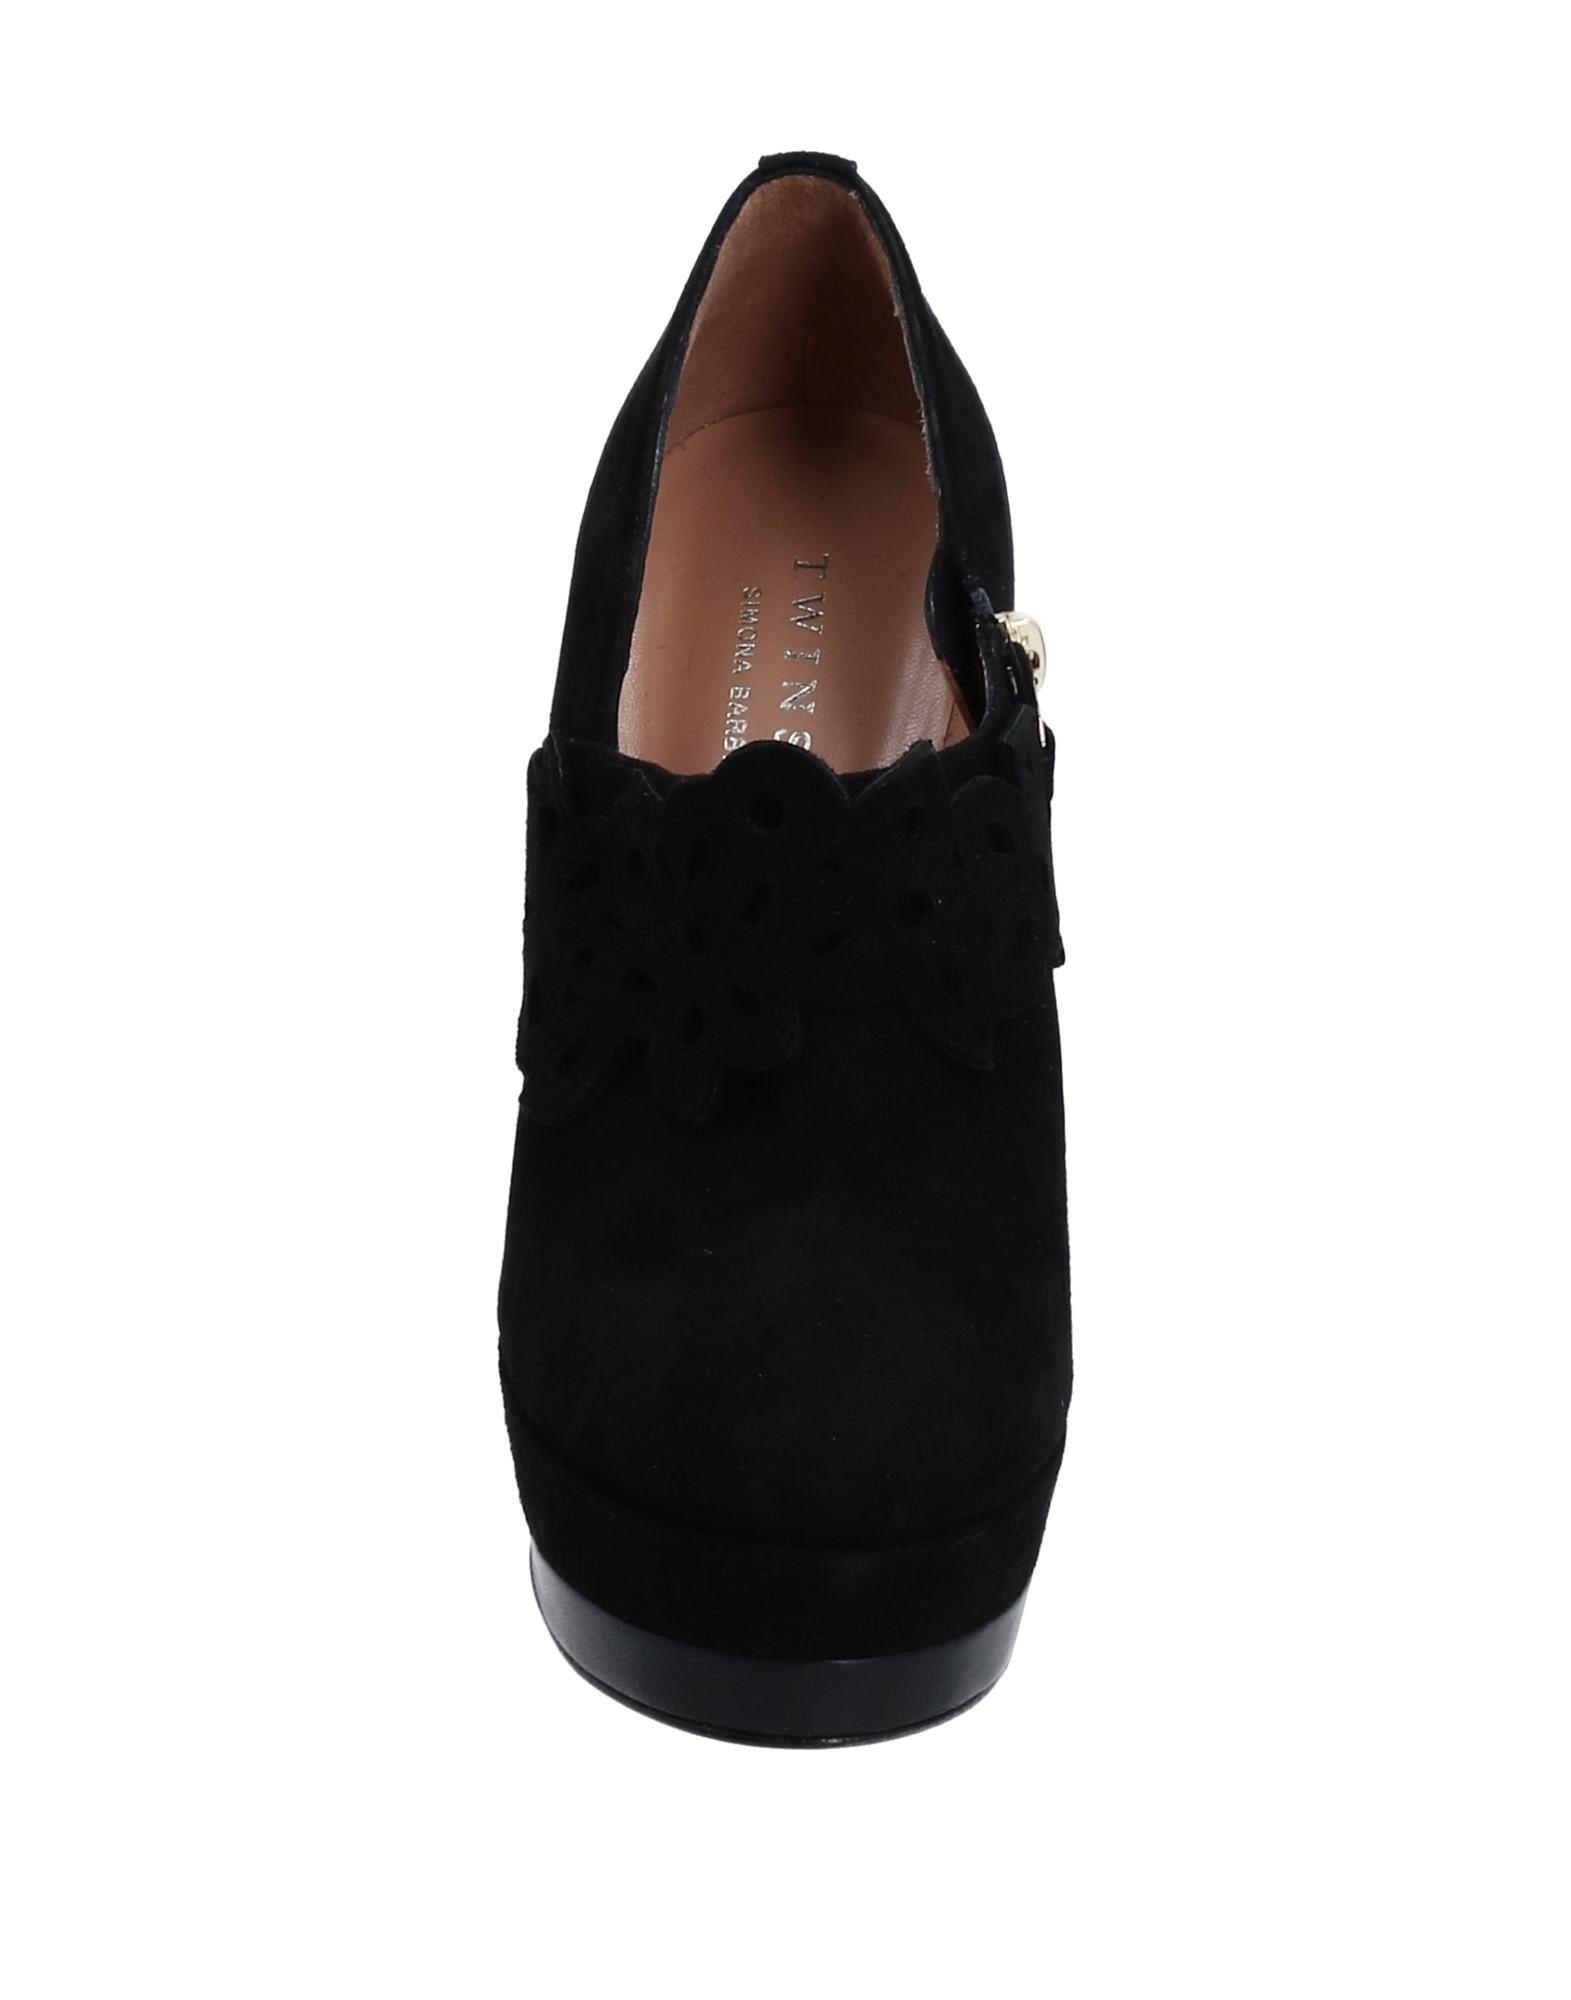 Haltbare Mode billige Schuhe Twin 11529669UP Beliebte Beliebte Beliebte Schuhe 49a09b